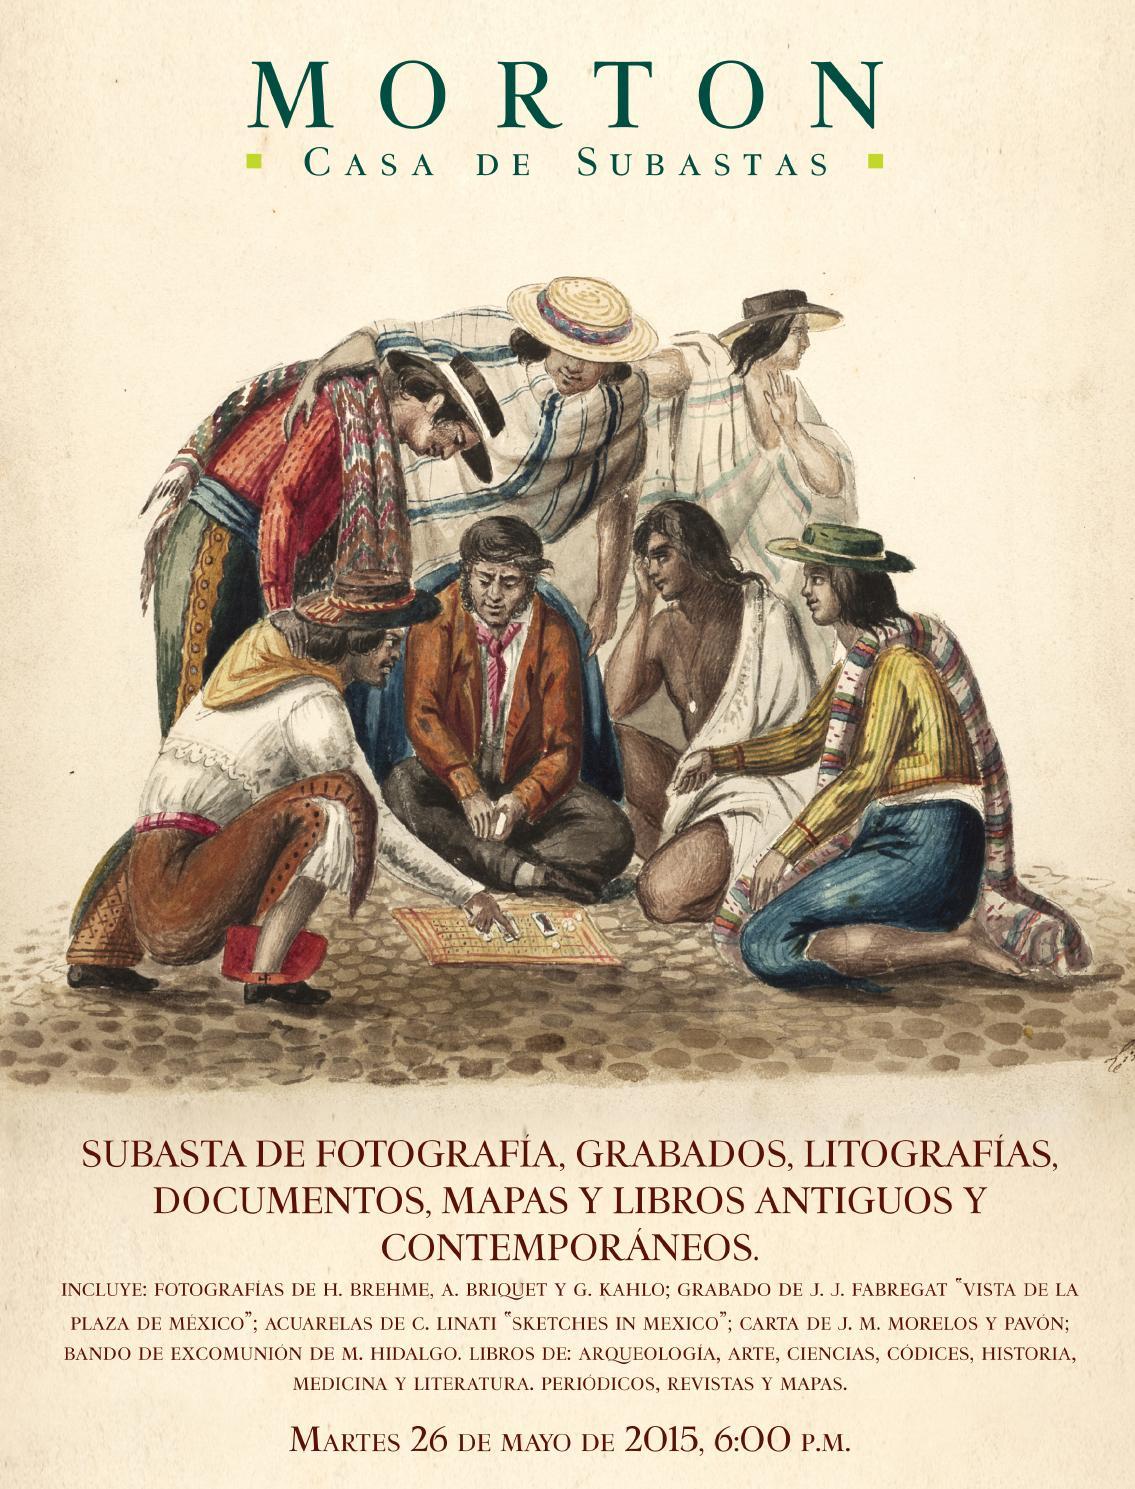 Subasta de Libros y Documentos by Morton Subastas - issuu 51274a04e45